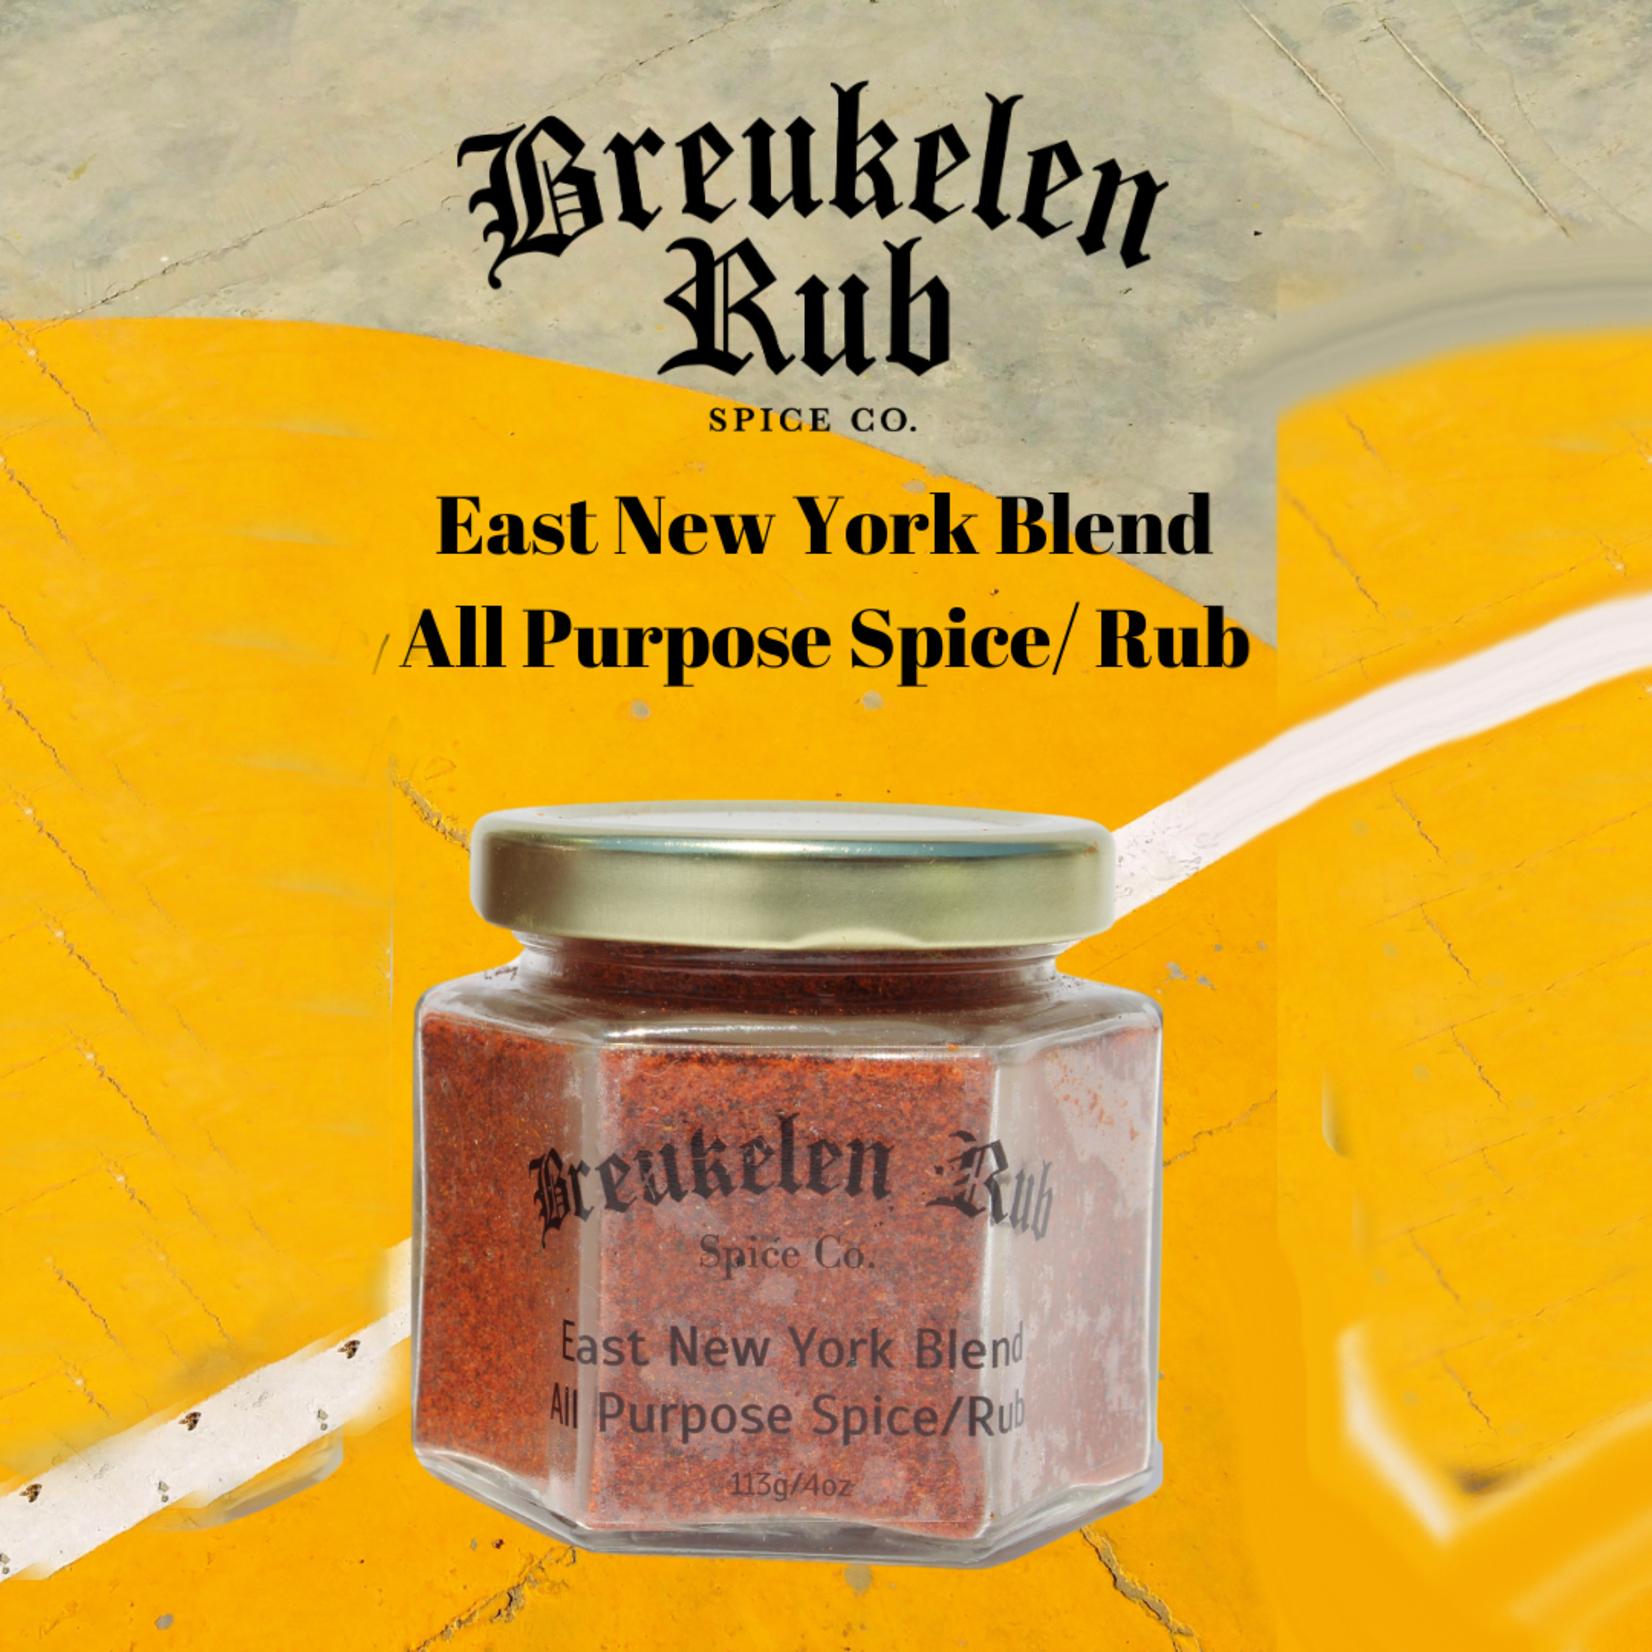 East NY Blend Breukelen Rub